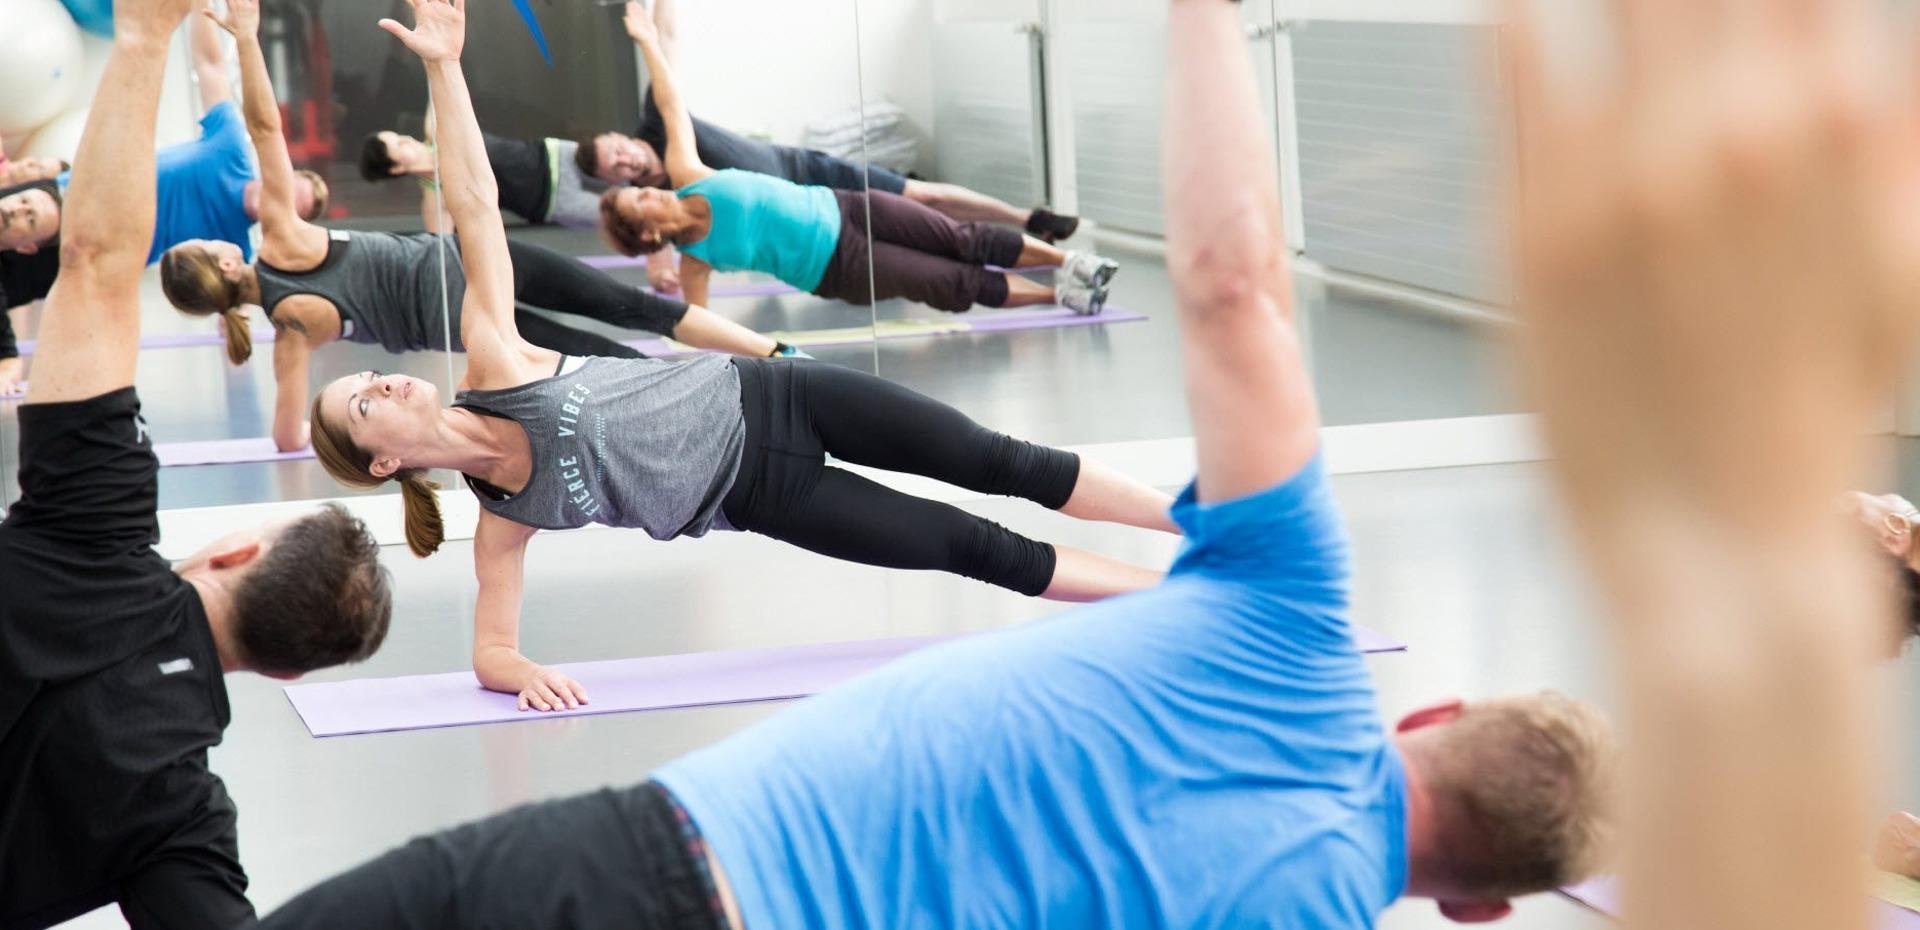 rhytraining physio & fitness